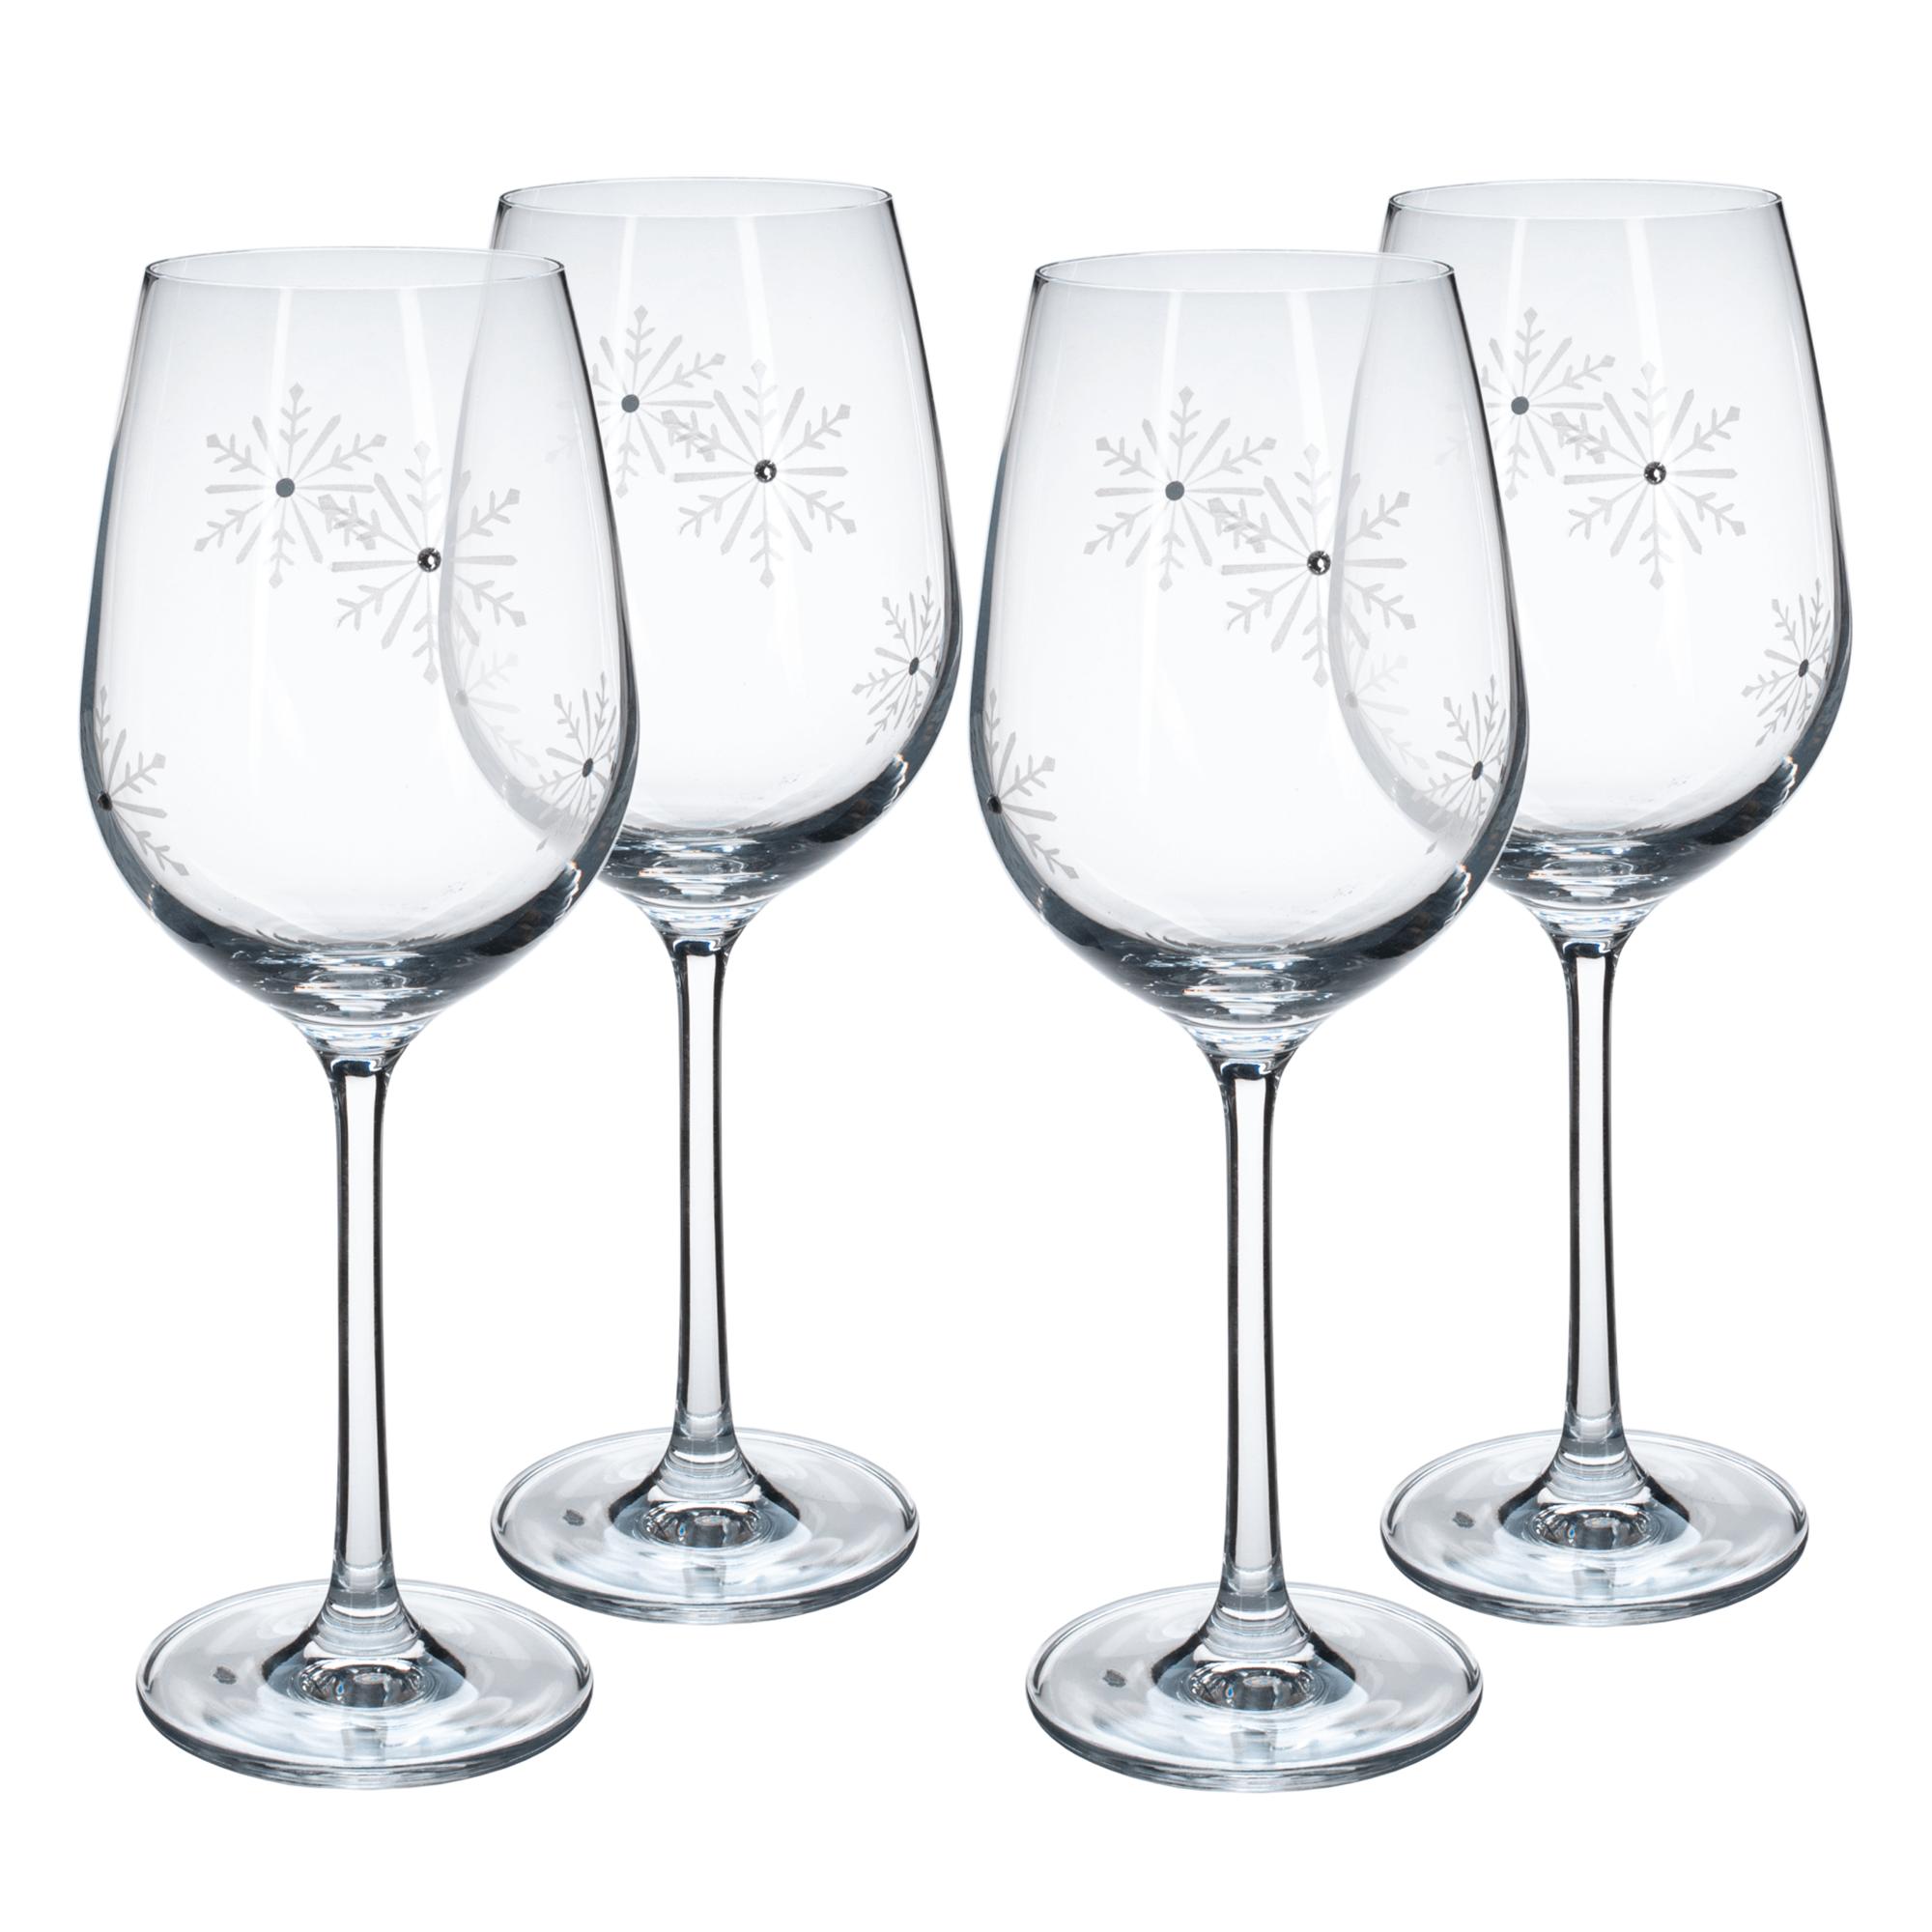 Pahare de vin, set de 4, 450 ml, transparent / alb, SNOWFLAKE VINO